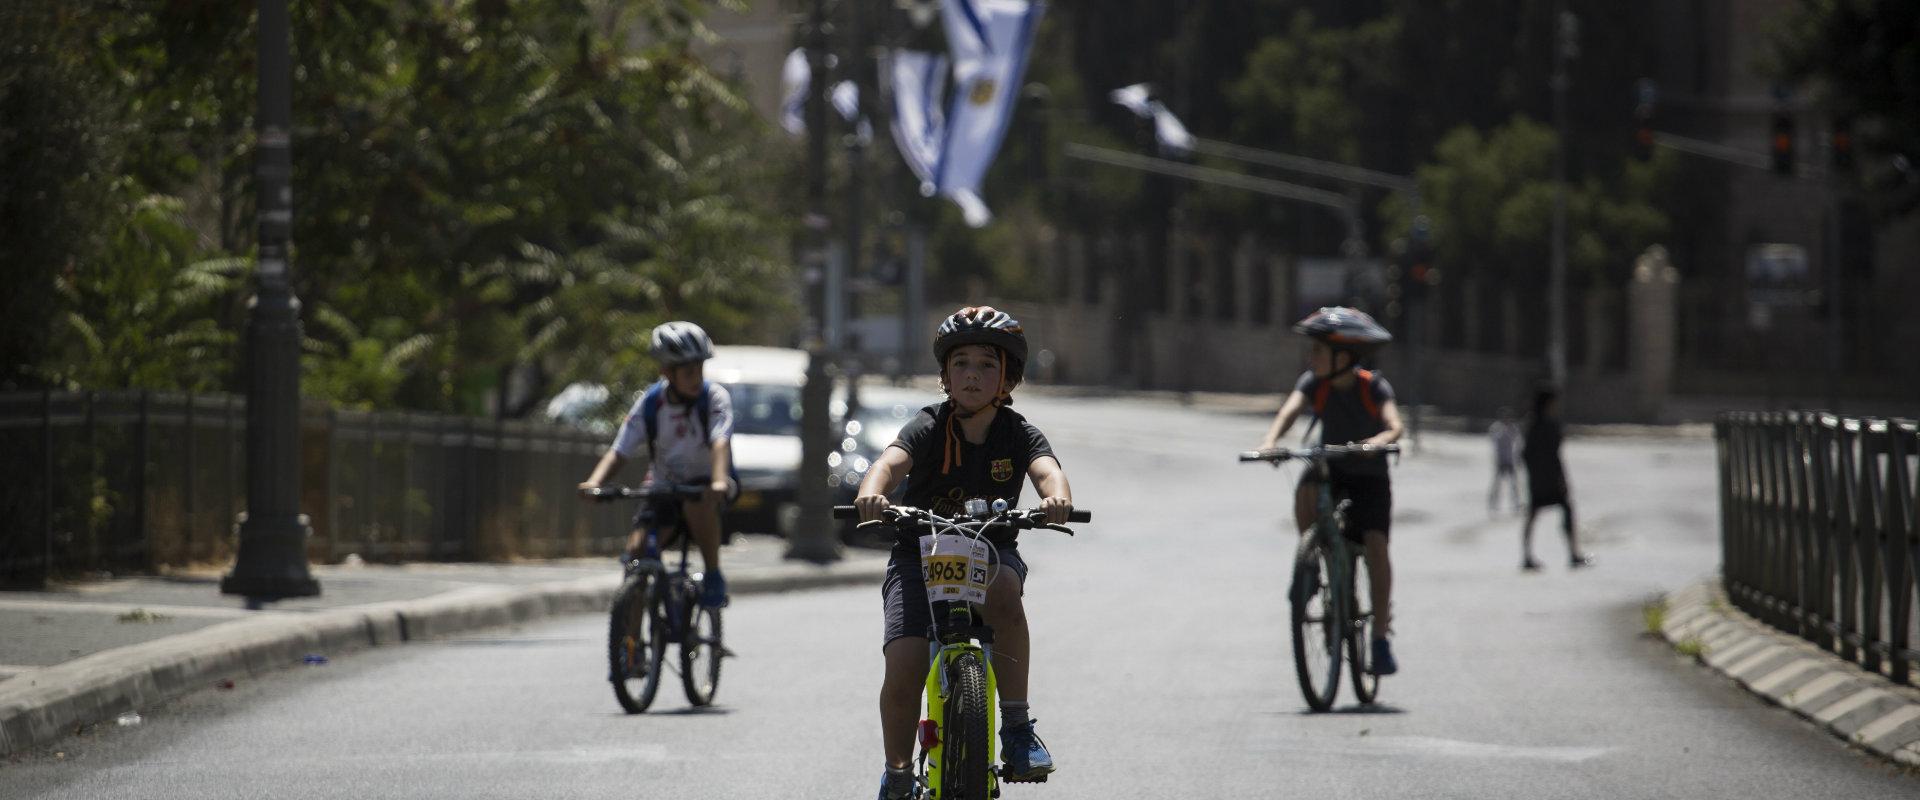 ילדים בירושלים רוכבים על אופניים ביום הכיפורים, ב-